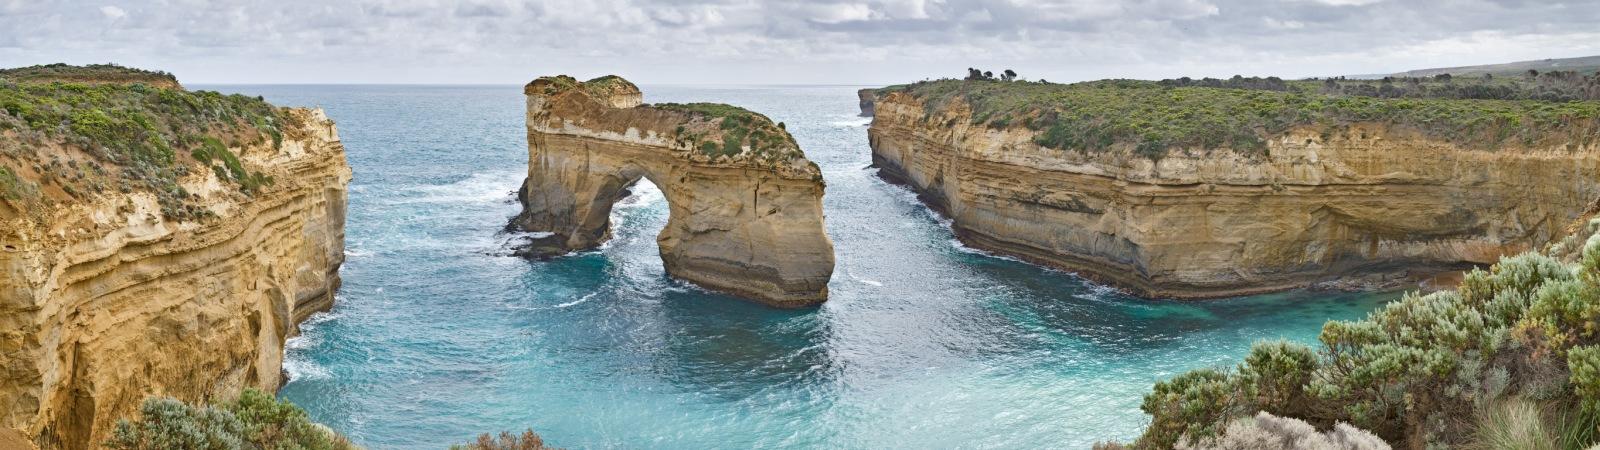 Vols viure a Austràlia?